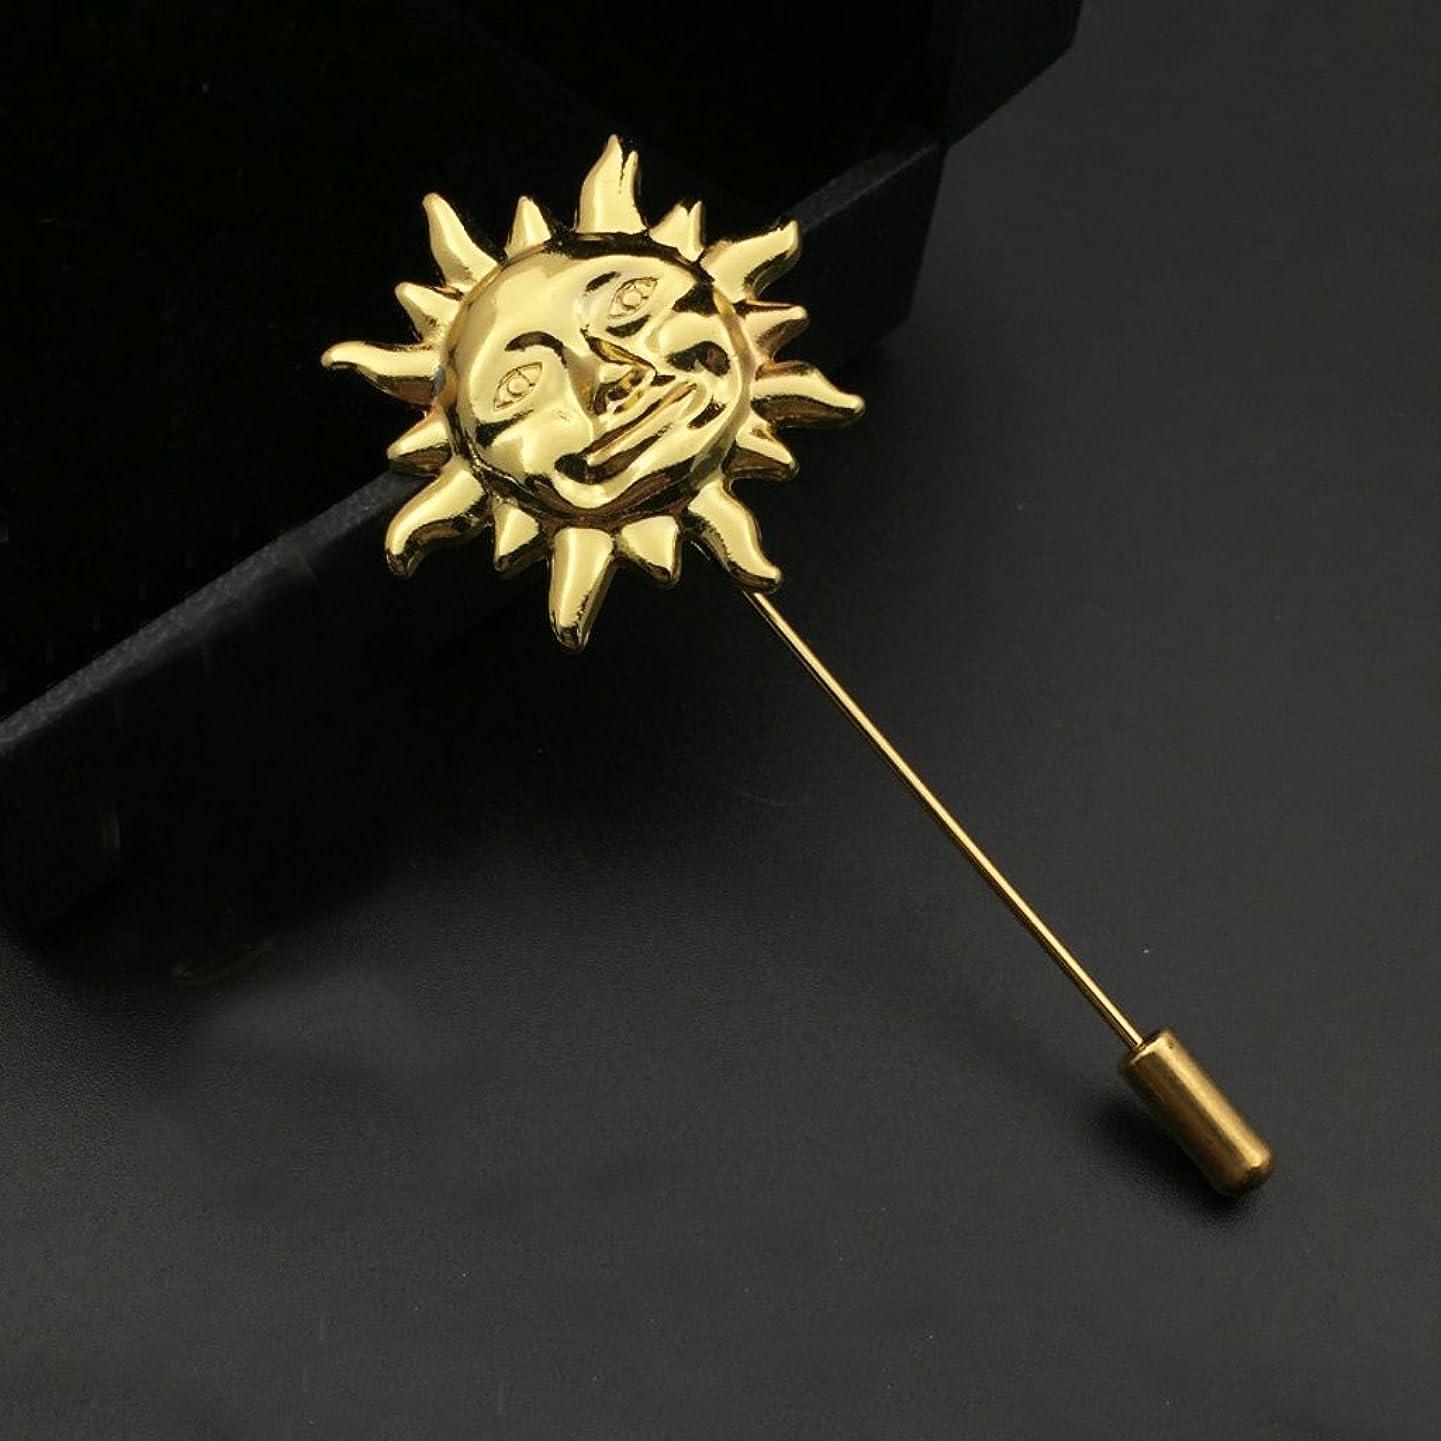 大脳誠実さナビゲーションToygogo メンズ 襟ピン ラペルピン ブローチ 太陽の形 ビジネス スーツ セーター 紳士小物 ゴールド 2点セット